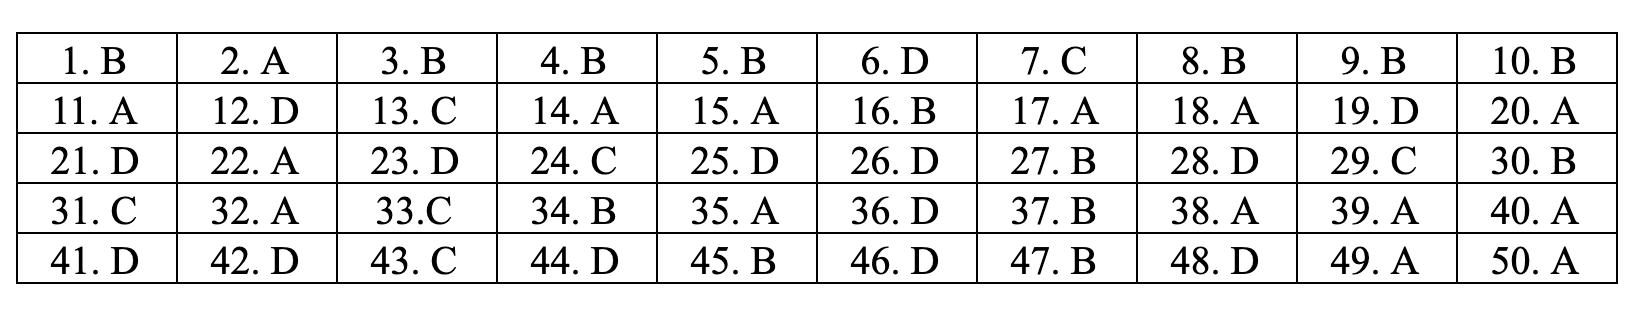 Đáp án môn Toán tất cả các mã đề THPT quốc gia 2019 chuẩn nhất, chính xác nhất (đầy đủ) - Ảnh 14